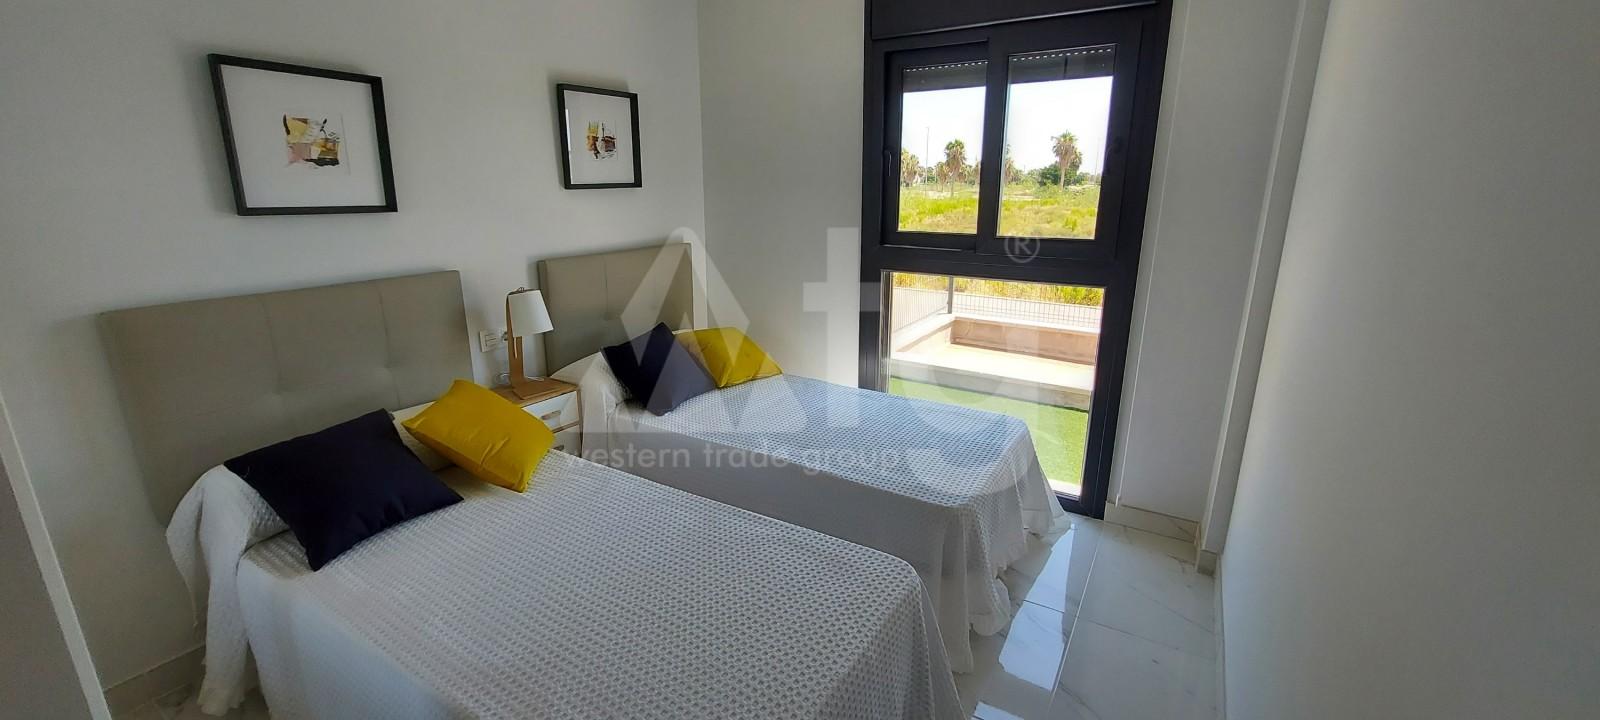 Apartament w Guardamar del Segura, 2 sypialnie  - DI6350 - 14